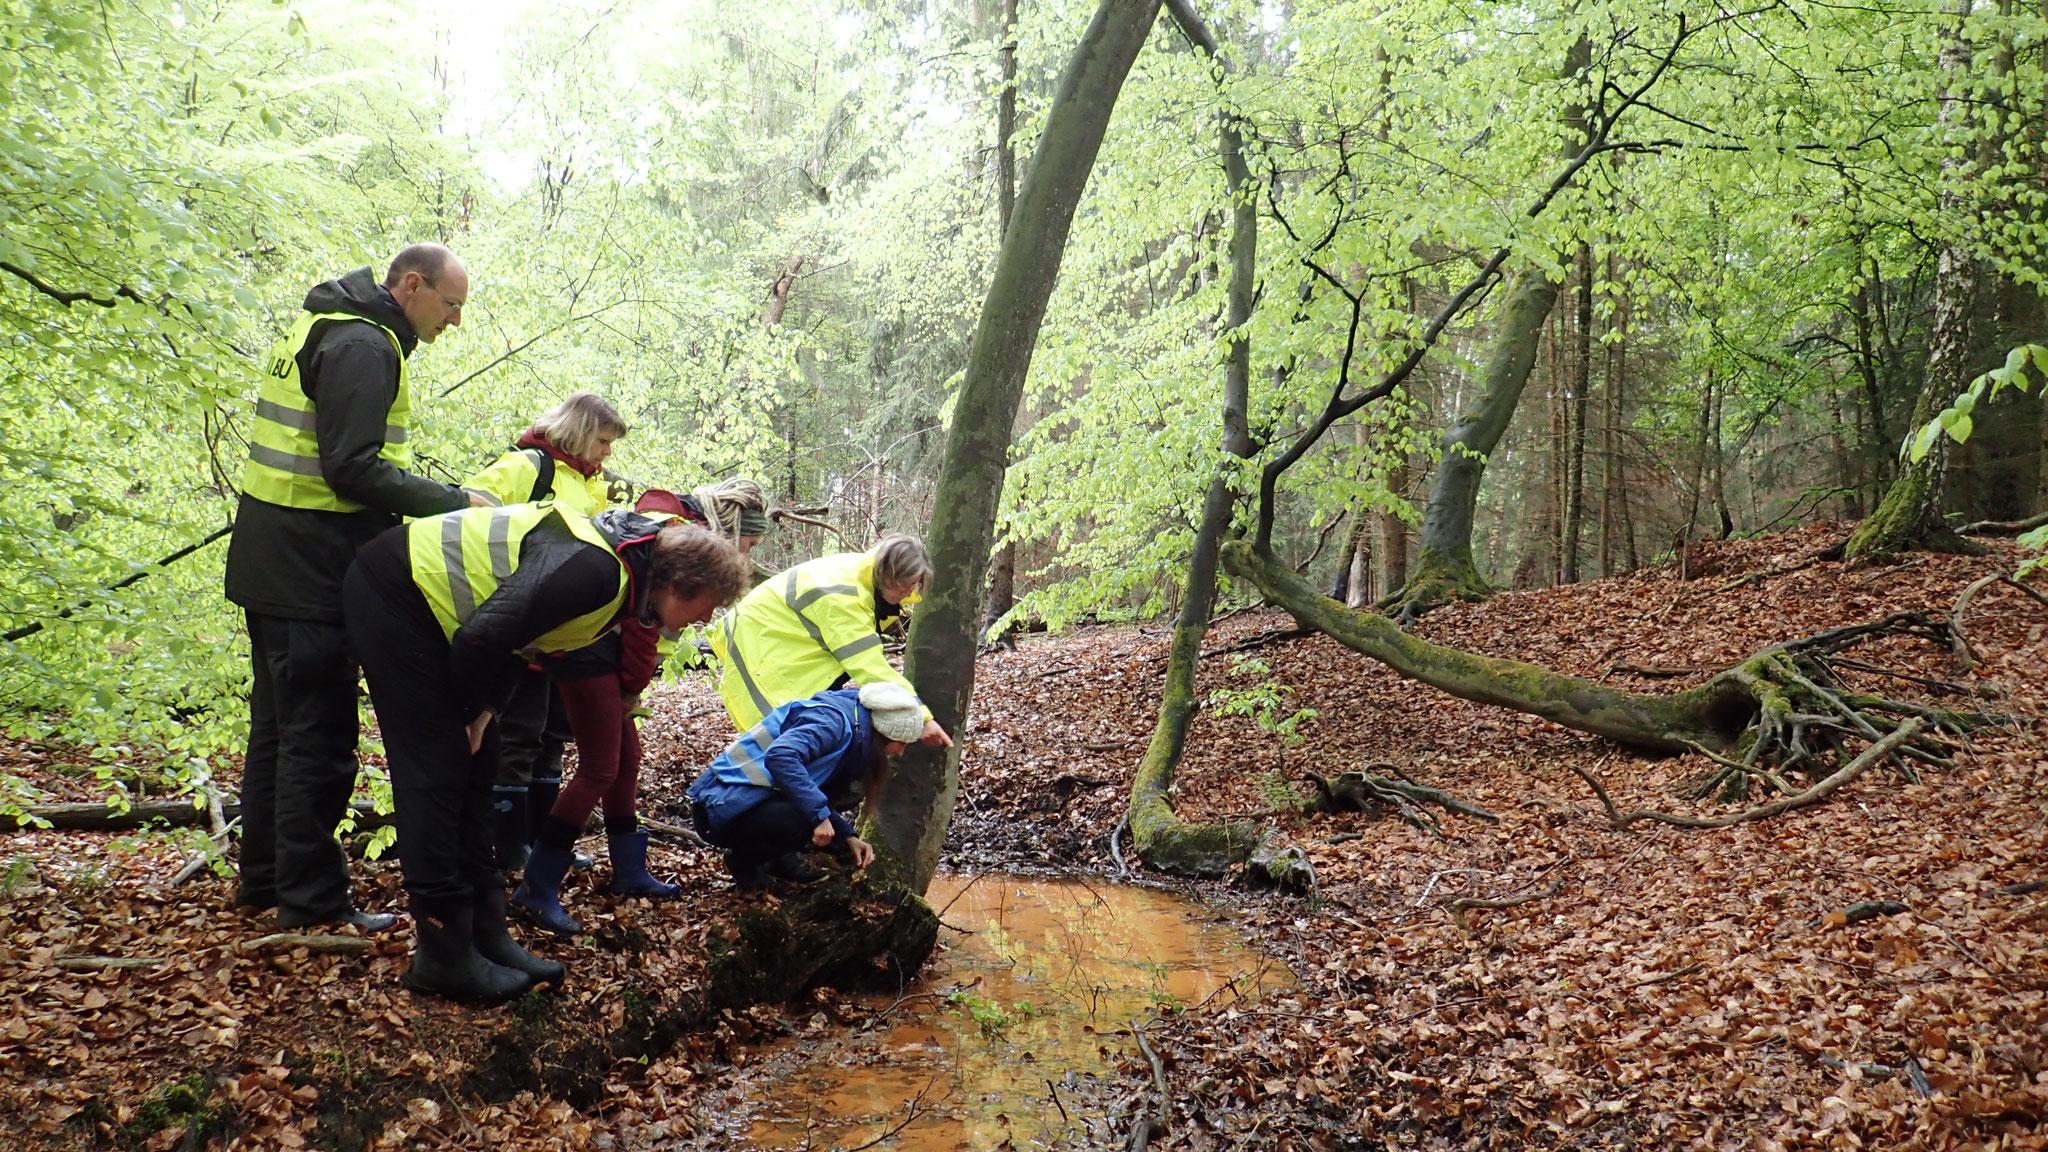 Feuersalamandersuche im Lappwald mit ehrenamtlicher Unterstützung.  Foto: ÖNSA/N.Feige